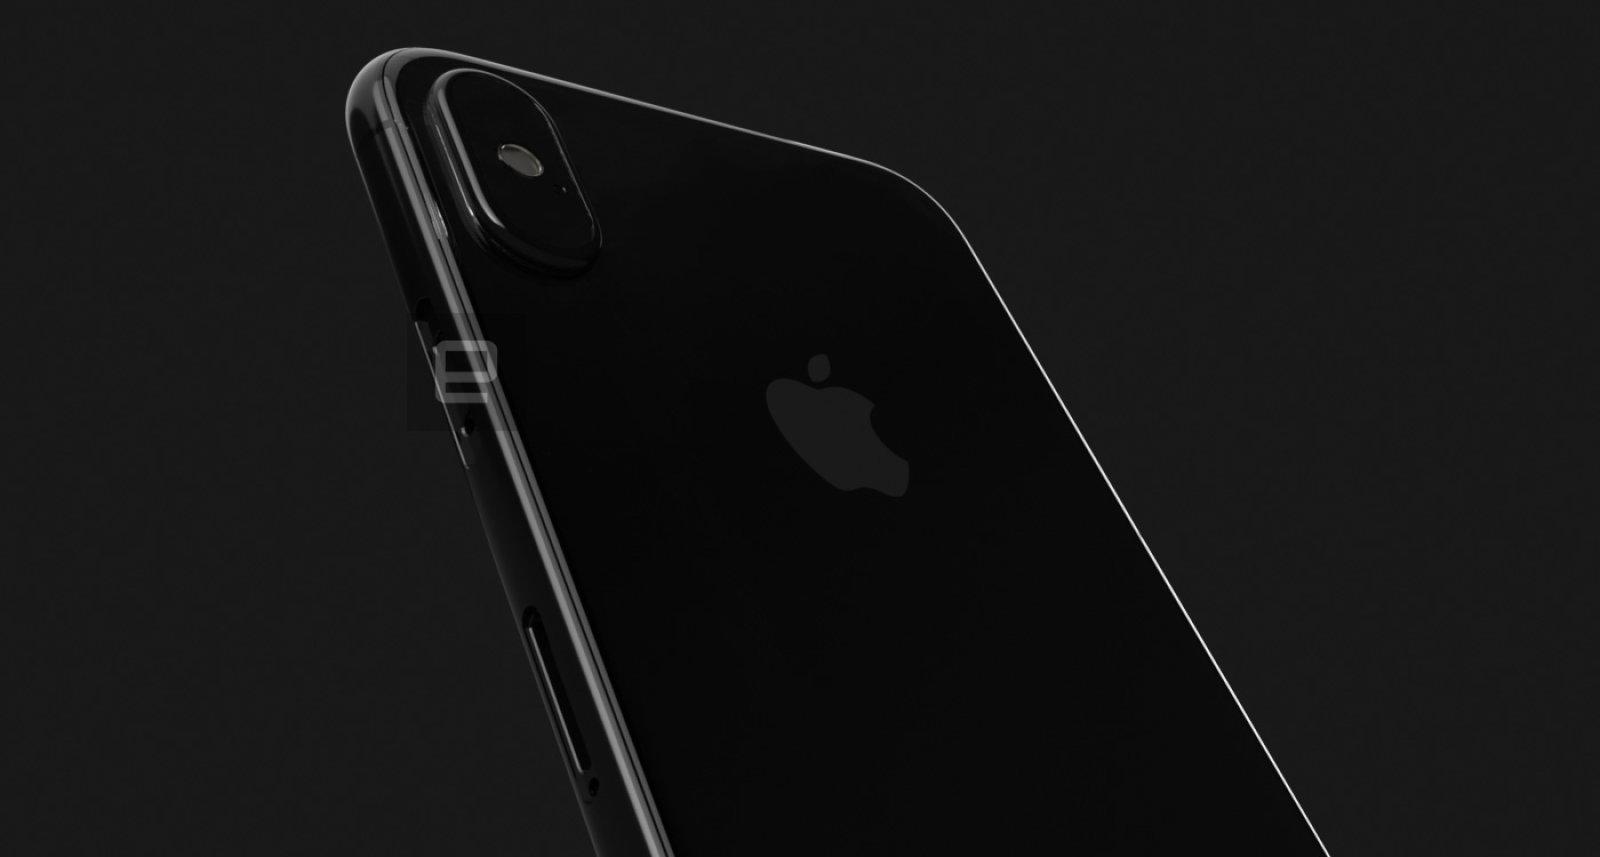 iPhone 8(仮)の画面は5.15インチで解像度2436×1125? HomePodのFWから手がかり見つかる - Engadget Japanese